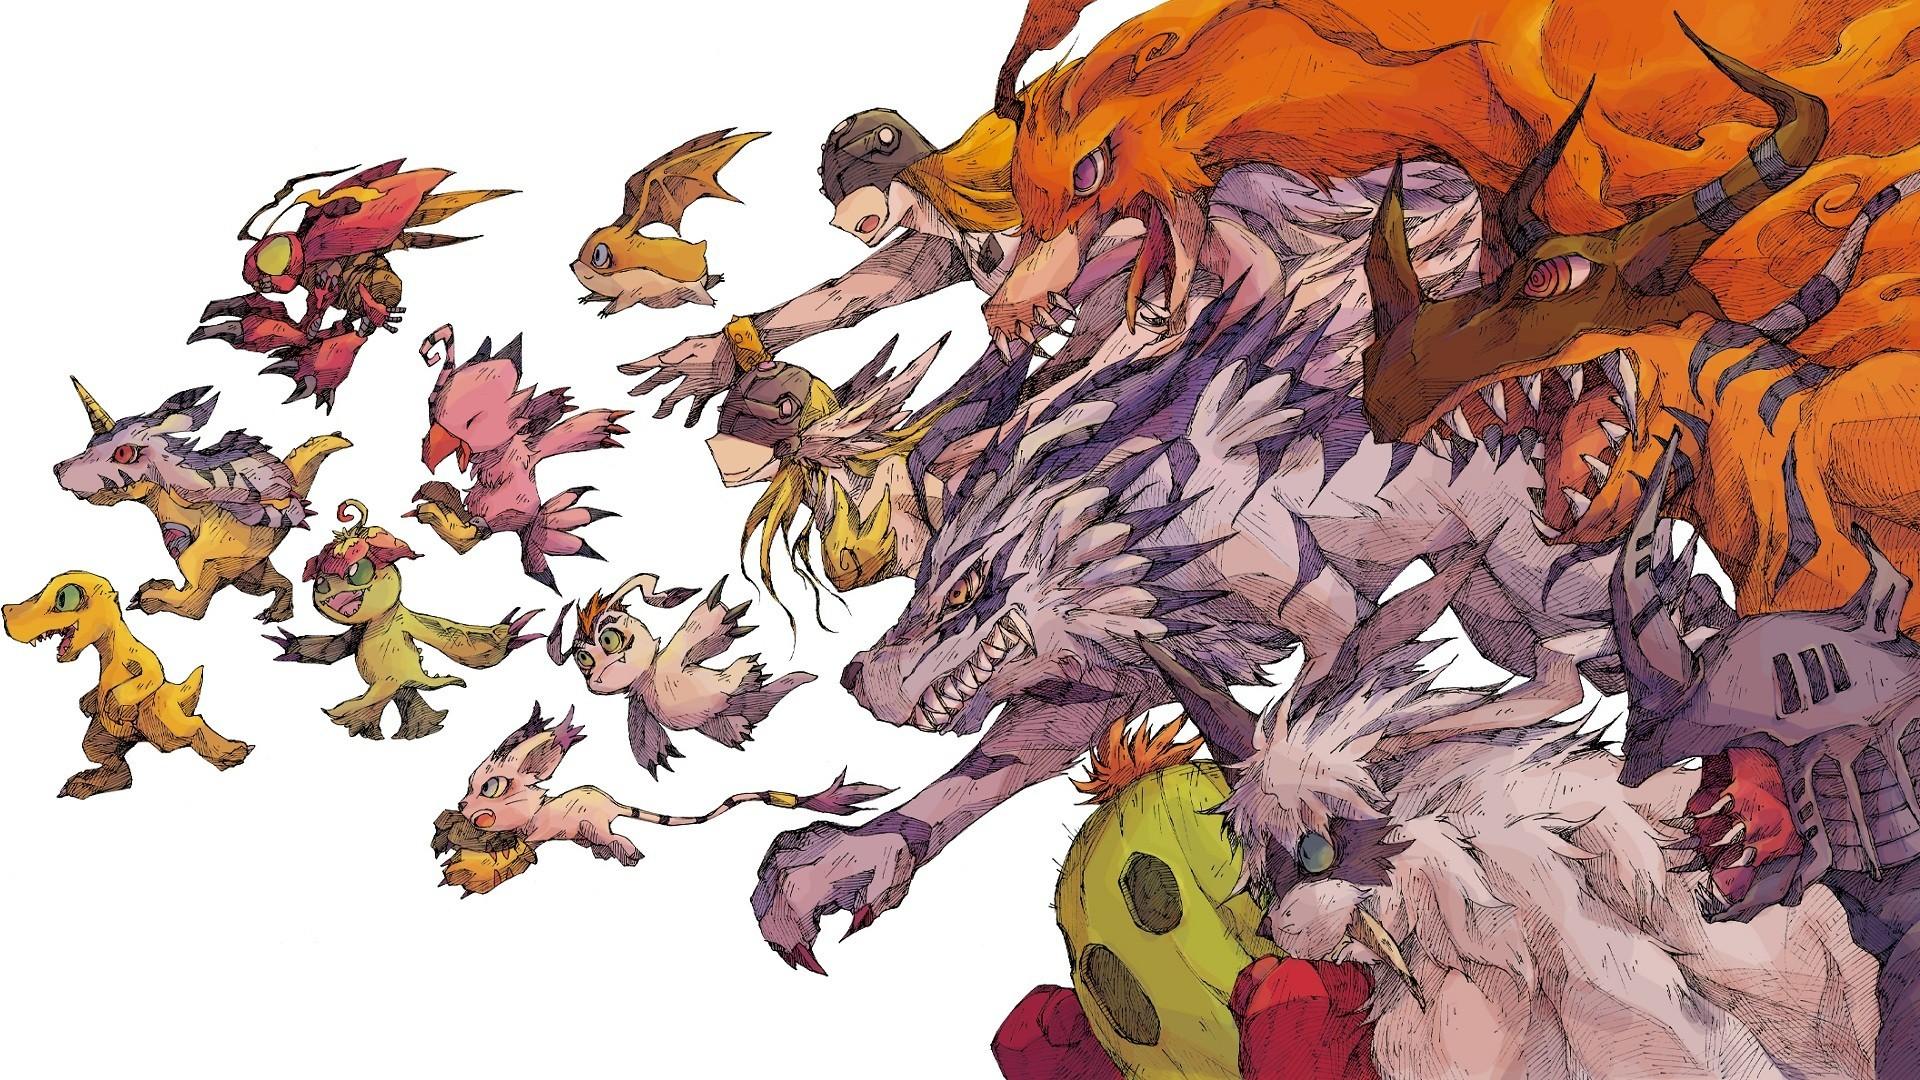 デスクトップ壁紙 図 漫画 神話 グレイモン デジモンアドベンチャー アンケウモン コミックブック 19x1080 Utp デスクトップ壁紙 Wallhere